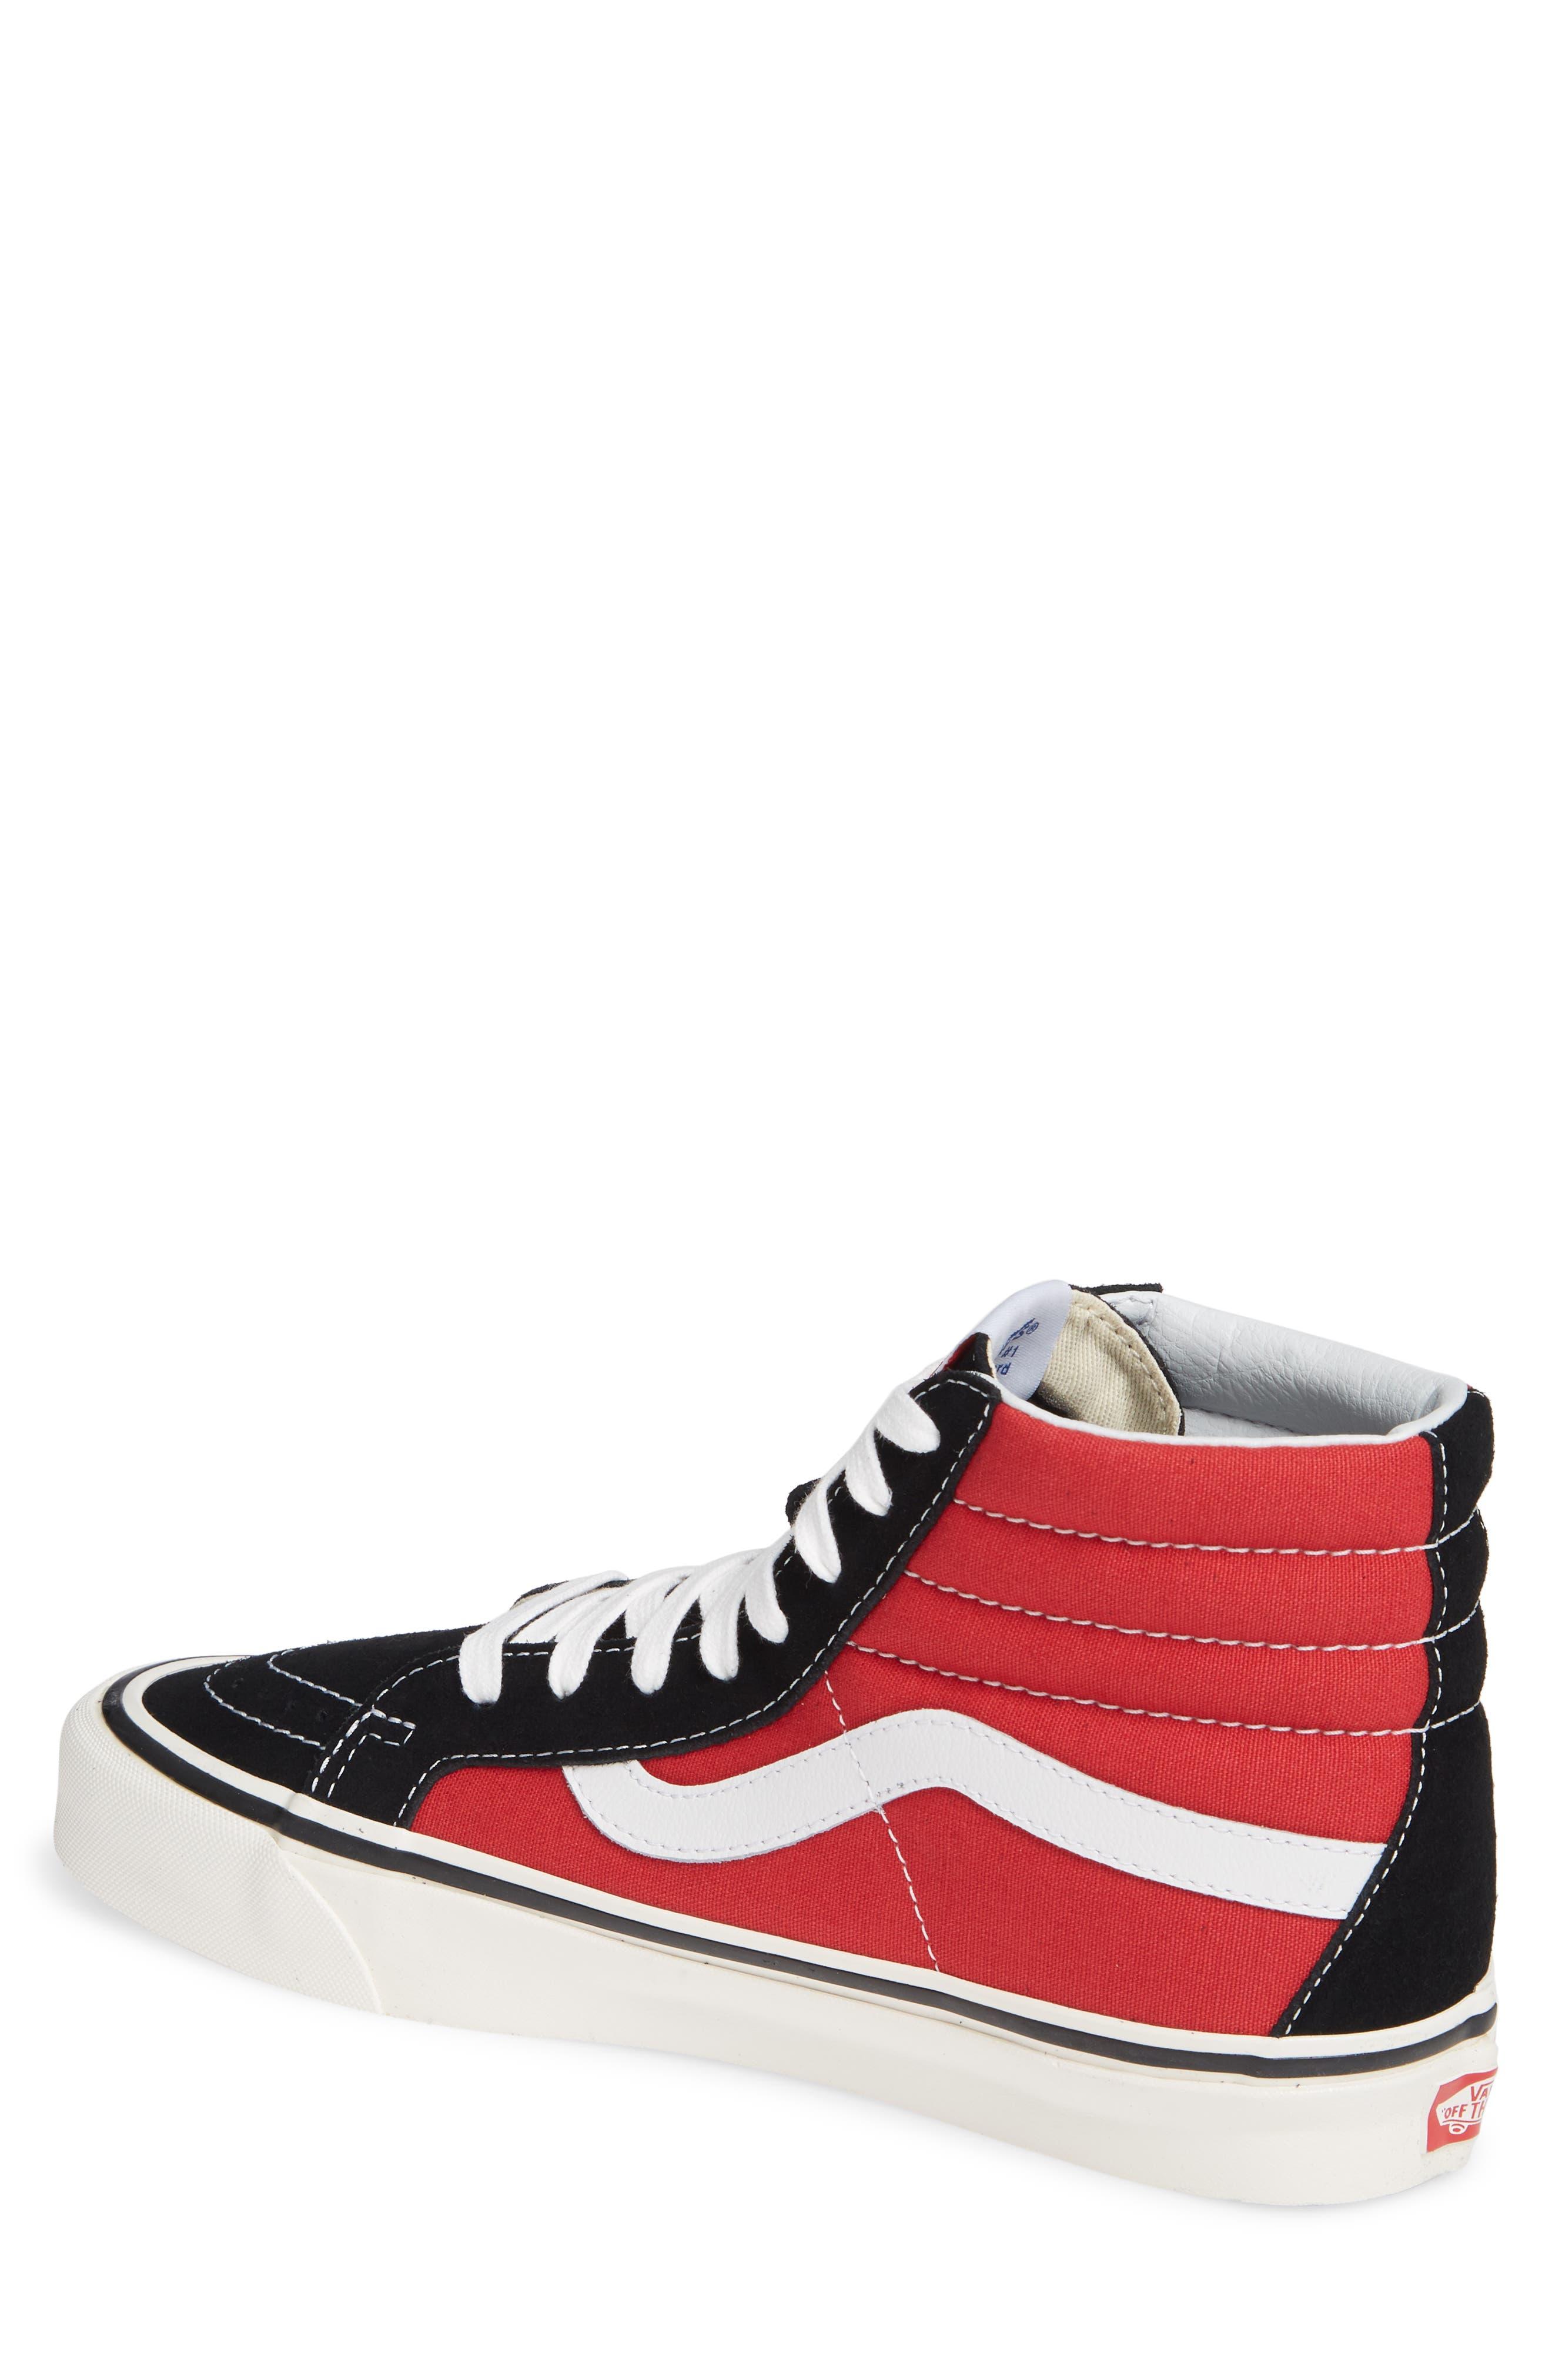 UA Sk8-Hi 38 DX Sneaker,                             Alternate thumbnail 2, color,                             OG BLACK/ OG RED CANVAS